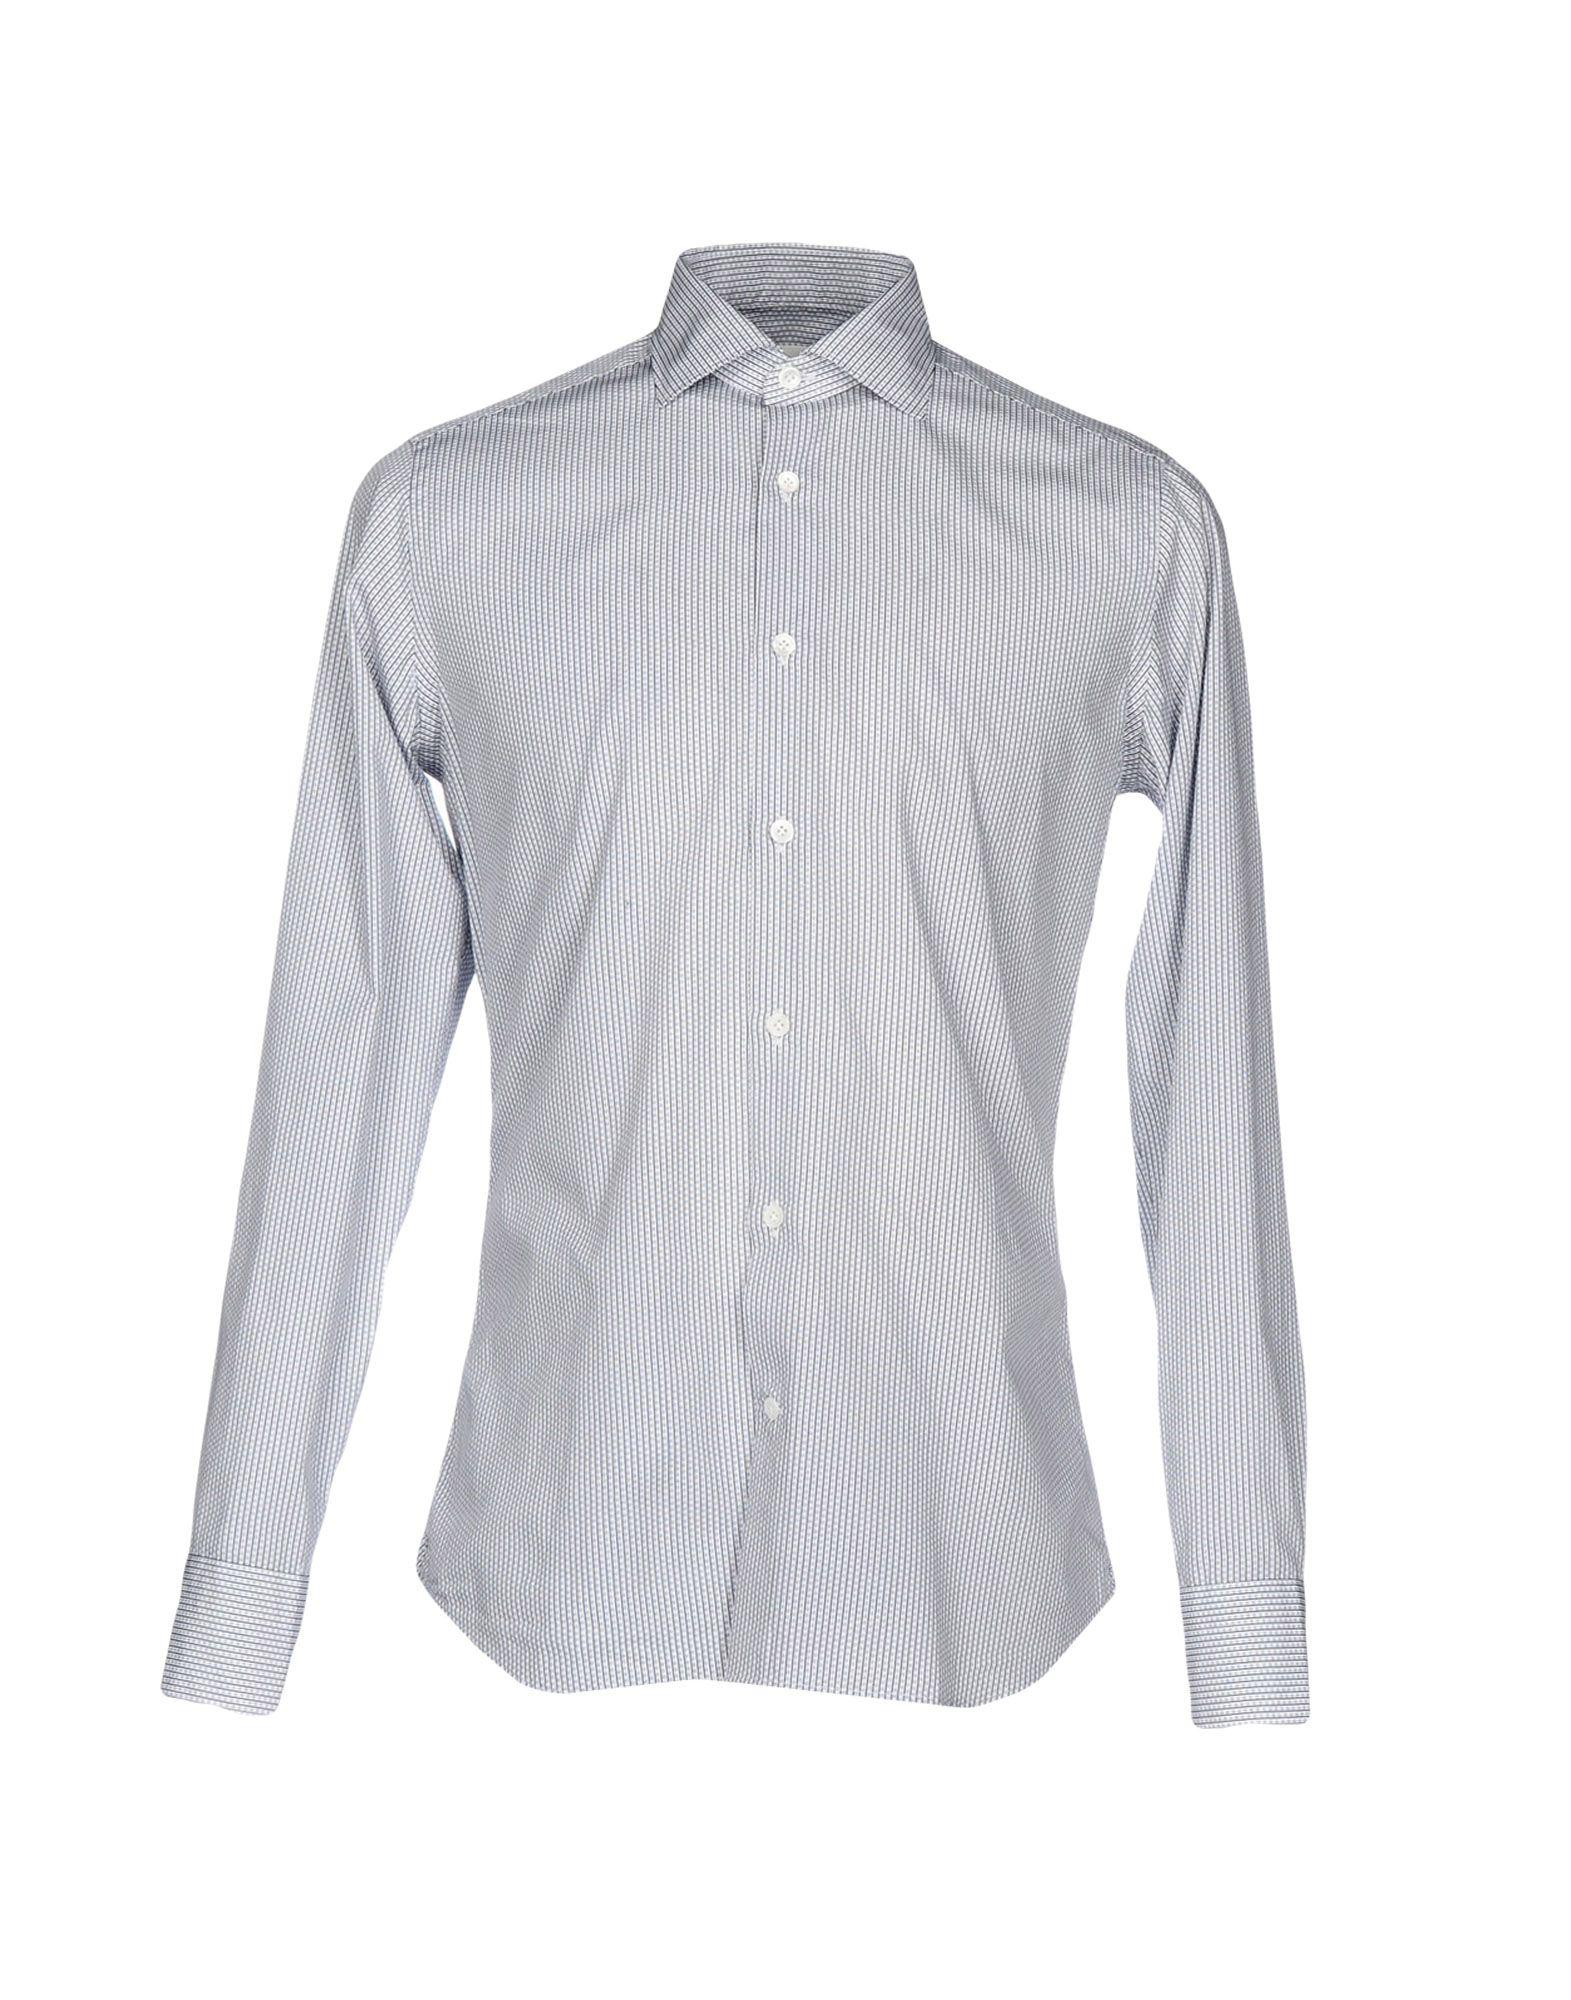 GUGLIELMINOTTI Herren Hemd Farbe Blau Größe 8 - broschei